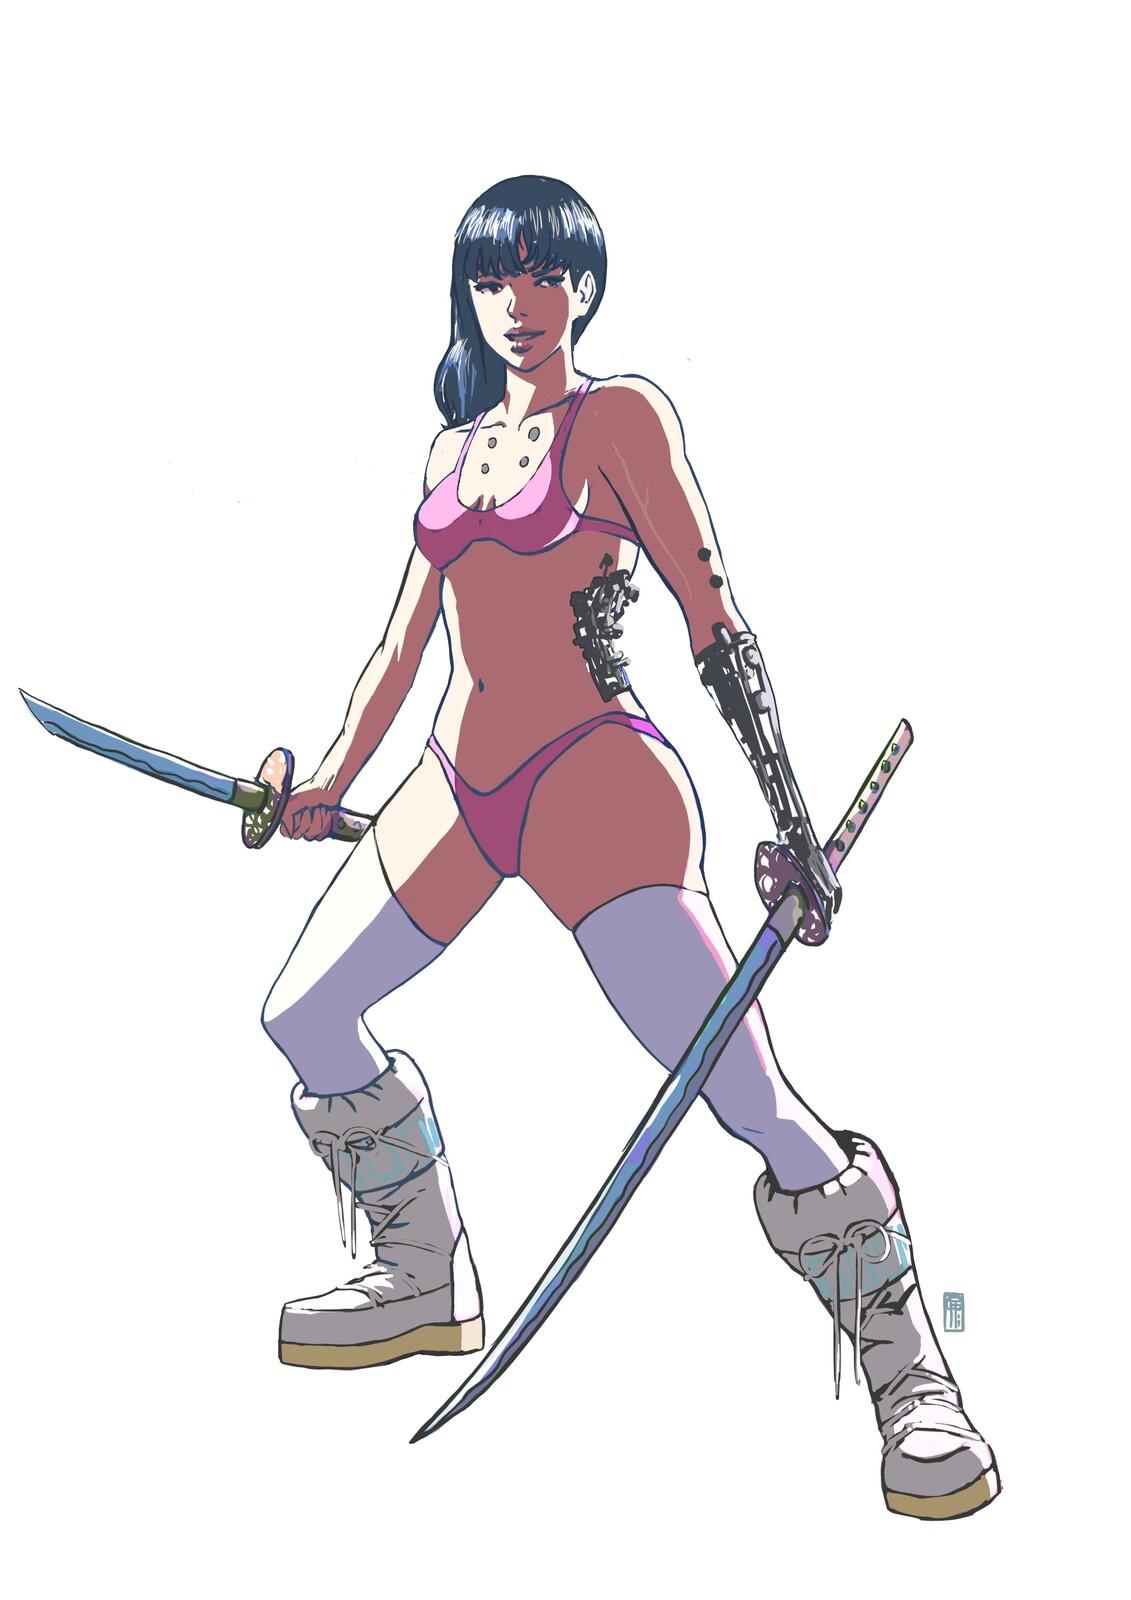 Cyber_Samurai_Bikini_Girl//00